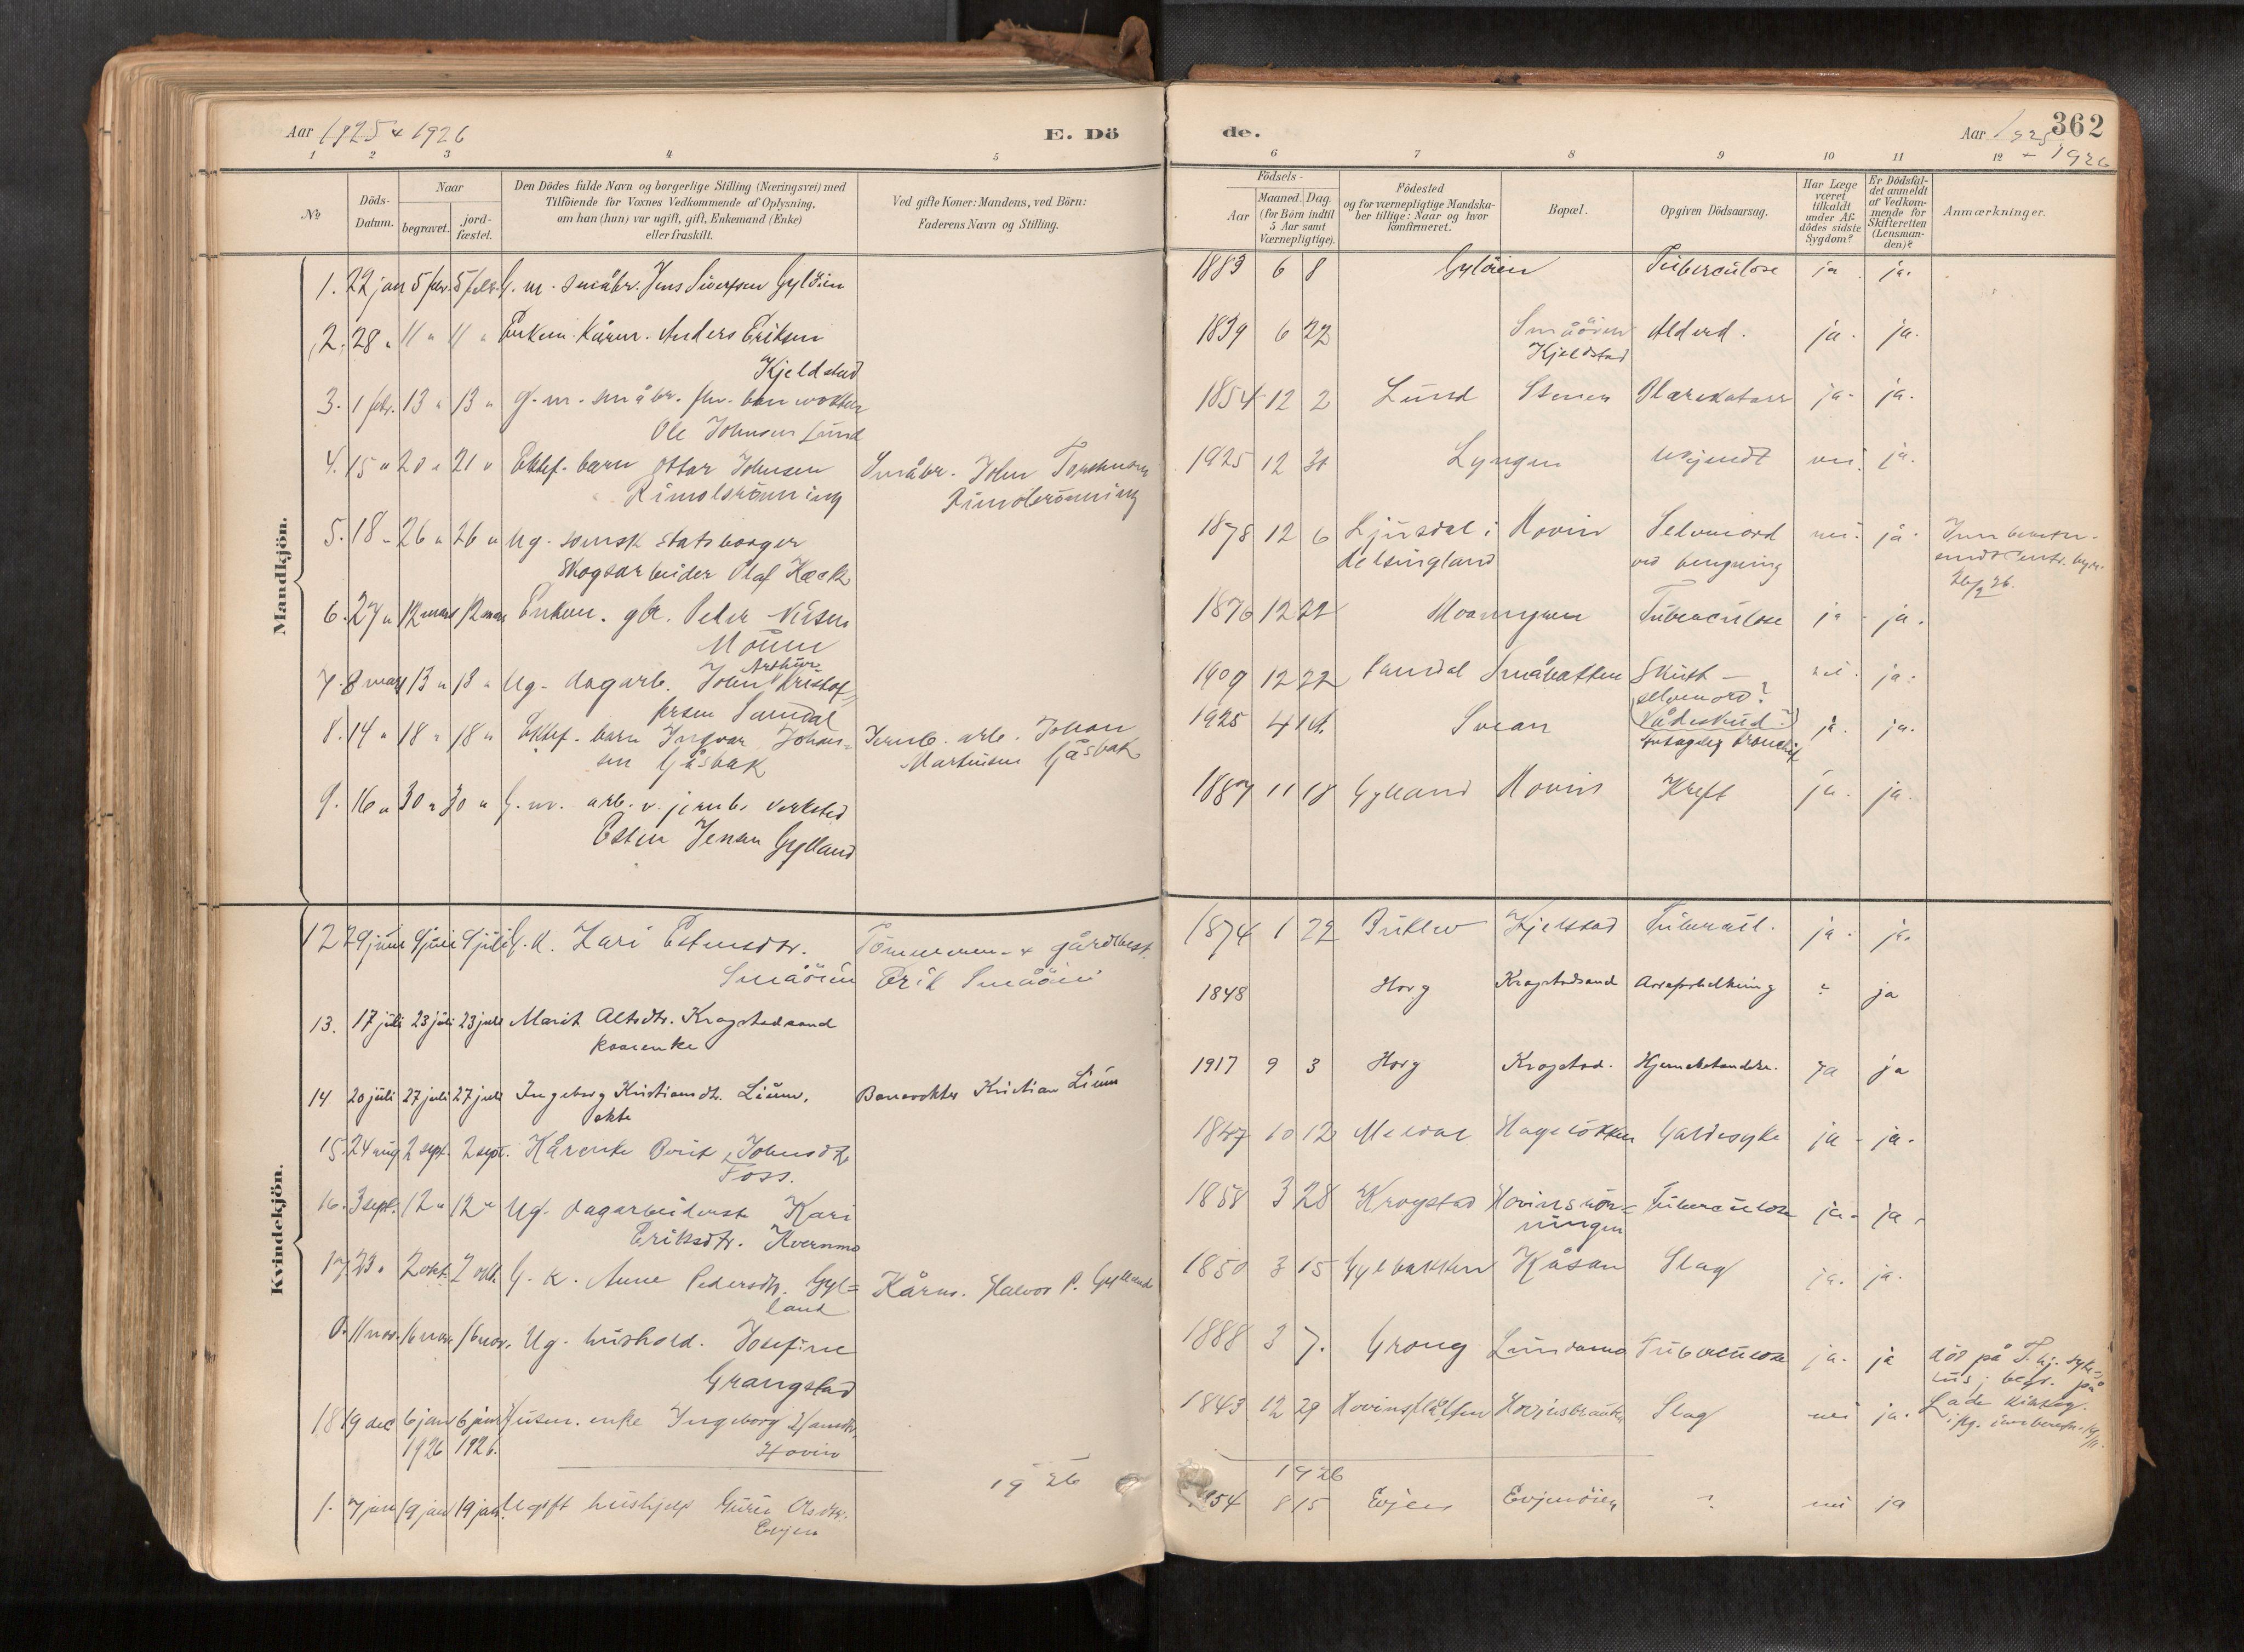 SAT, Ministerialprotokoller, klokkerbøker og fødselsregistre - Sør-Trøndelag, 692/L1105b: Ministerialbok nr. 692A06, 1891-1934, s. 362